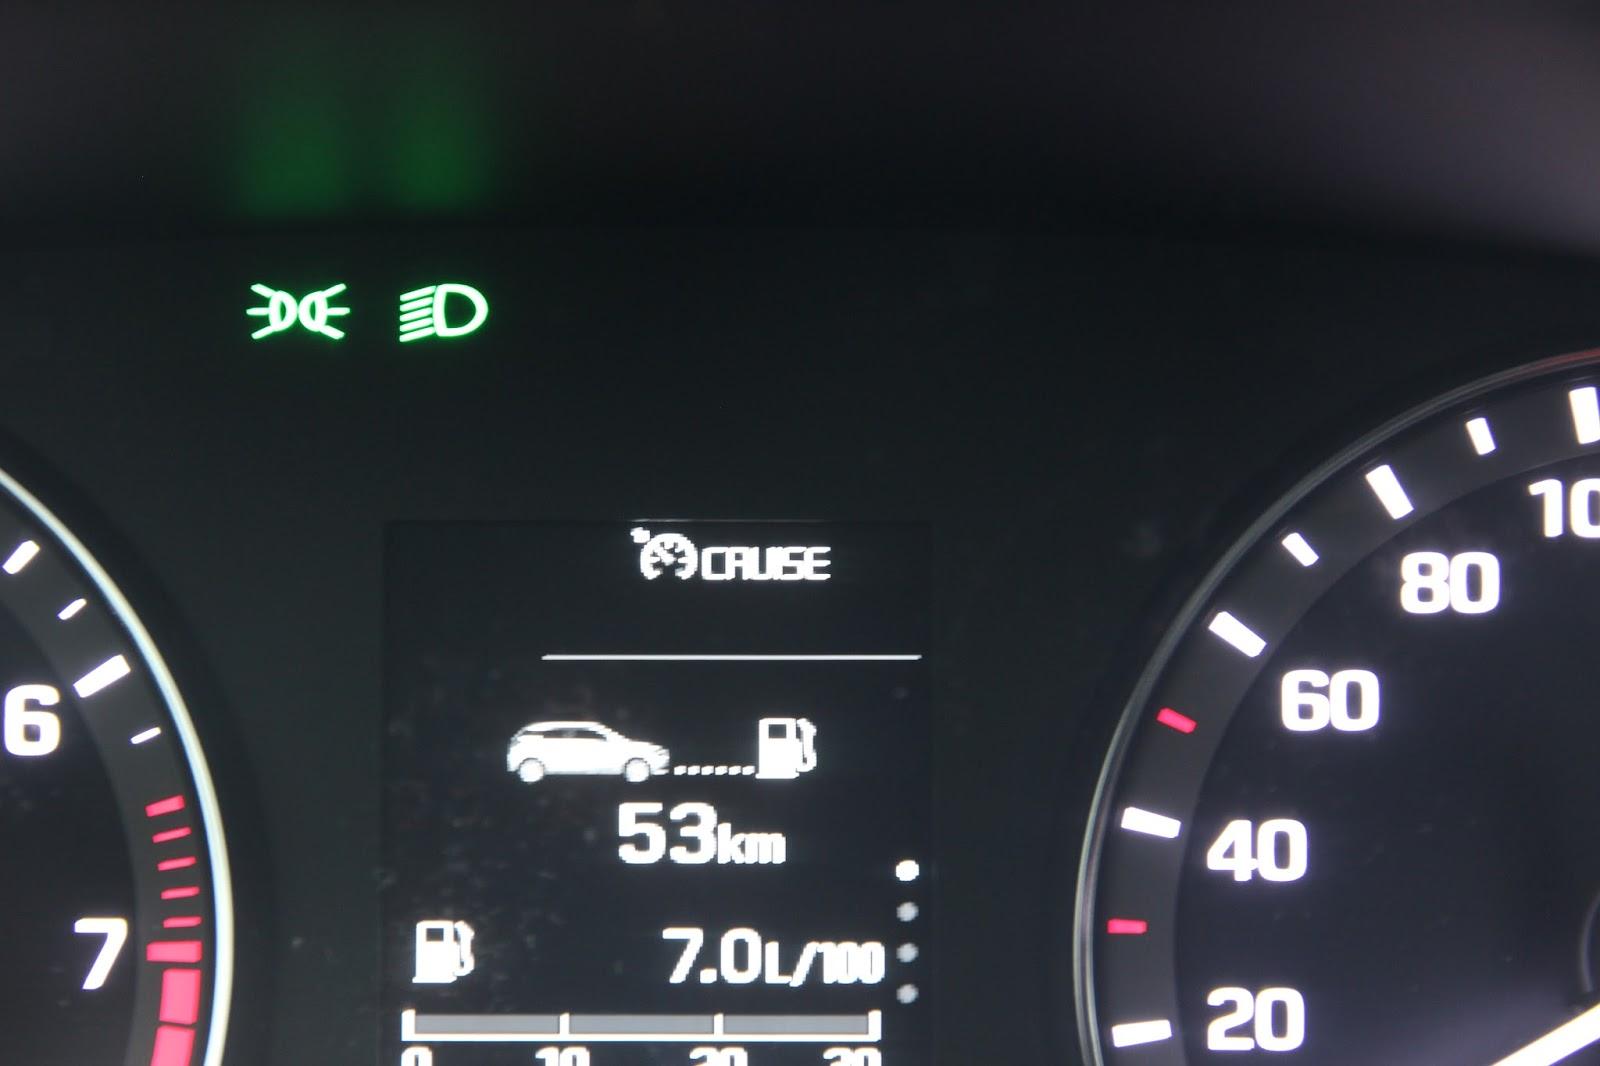 Cristinas Testwelt: Der Hyundai i20 und seine Funktionen   {Auto cockpit erklärung 97}